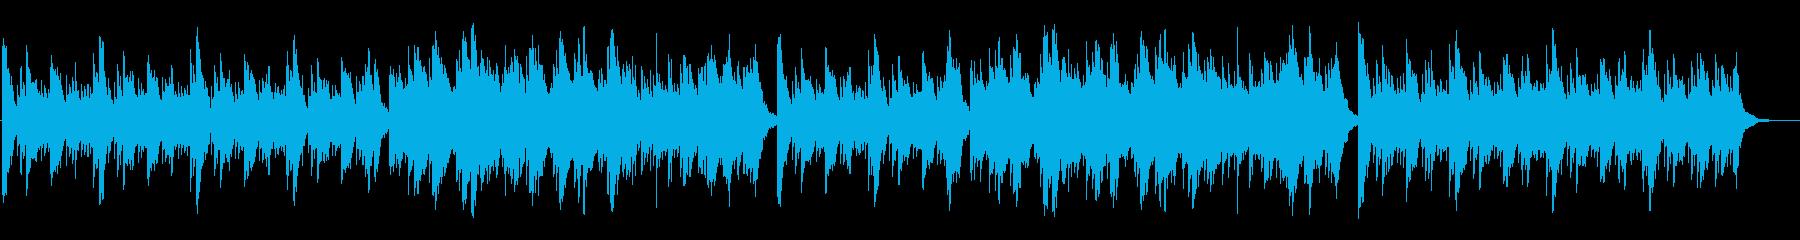 アコースティック系 優しく静かなギター曲の再生済みの波形